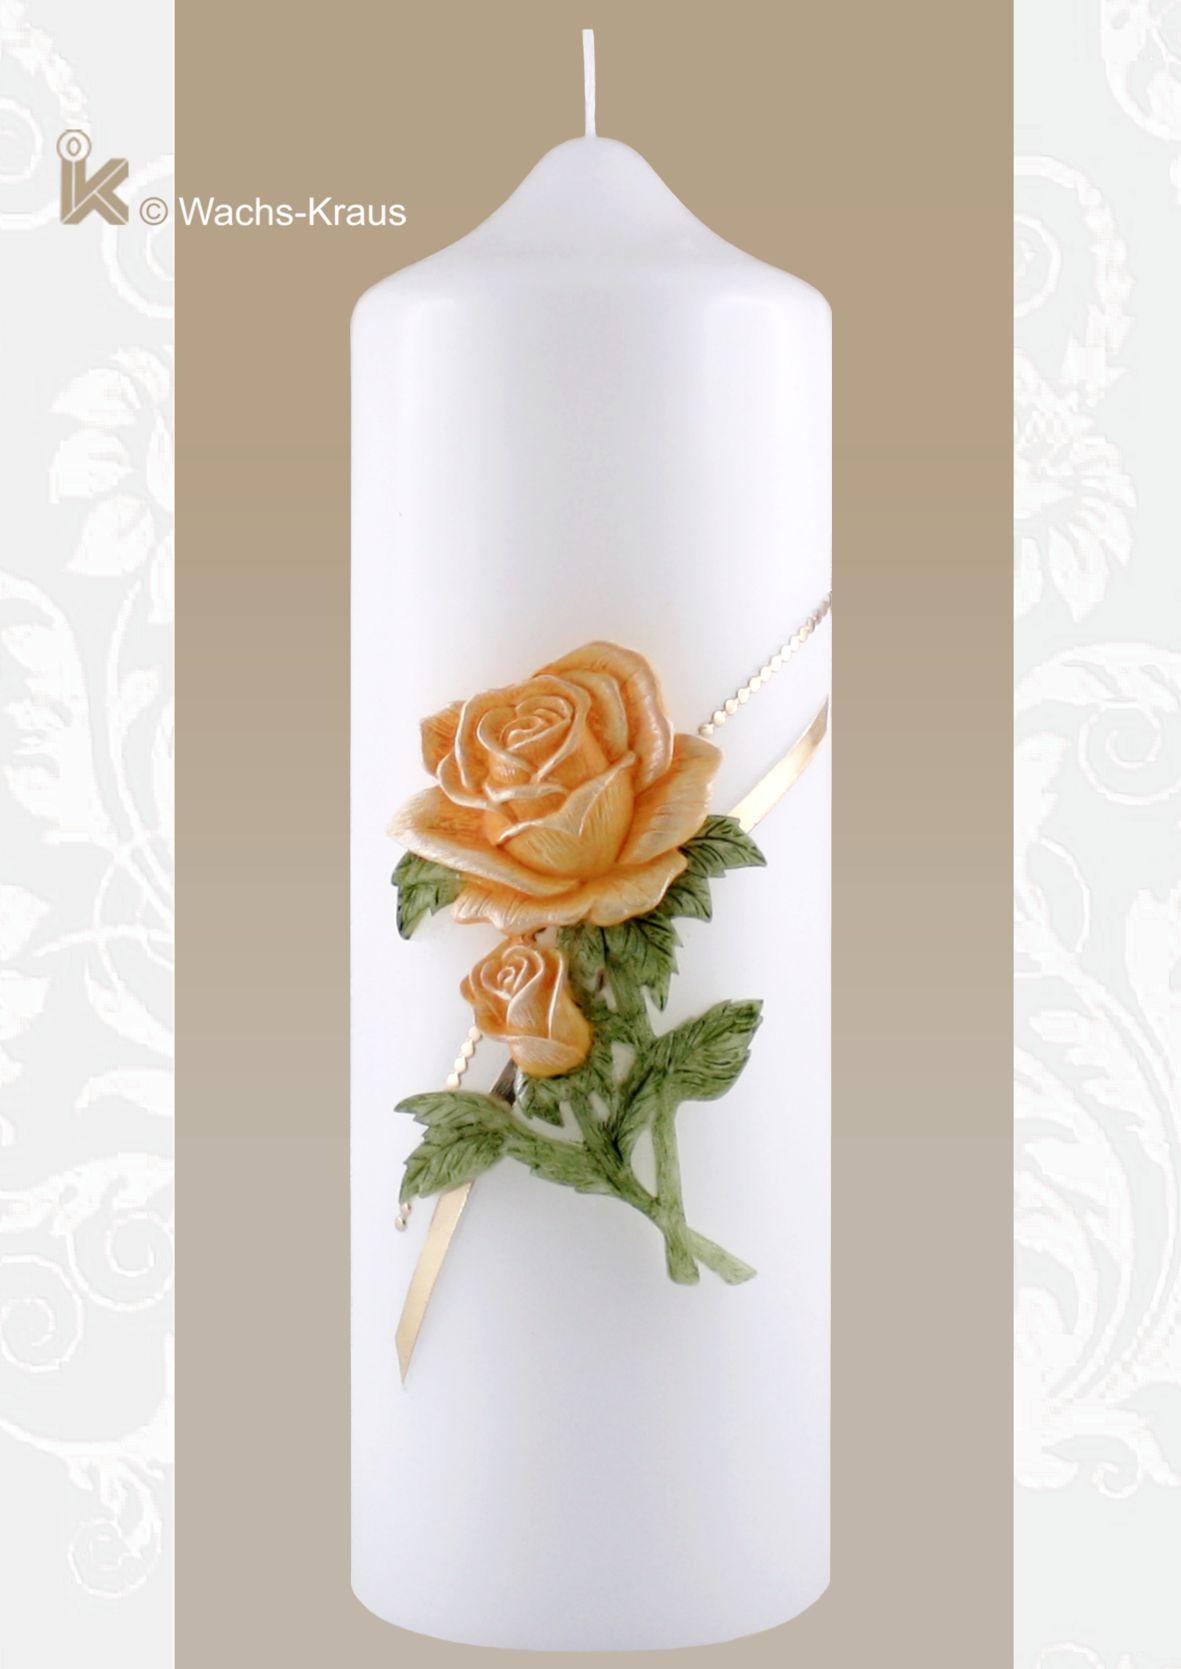 Bezaubernd schöne Hochzeitskerze Rose apricot-Farben